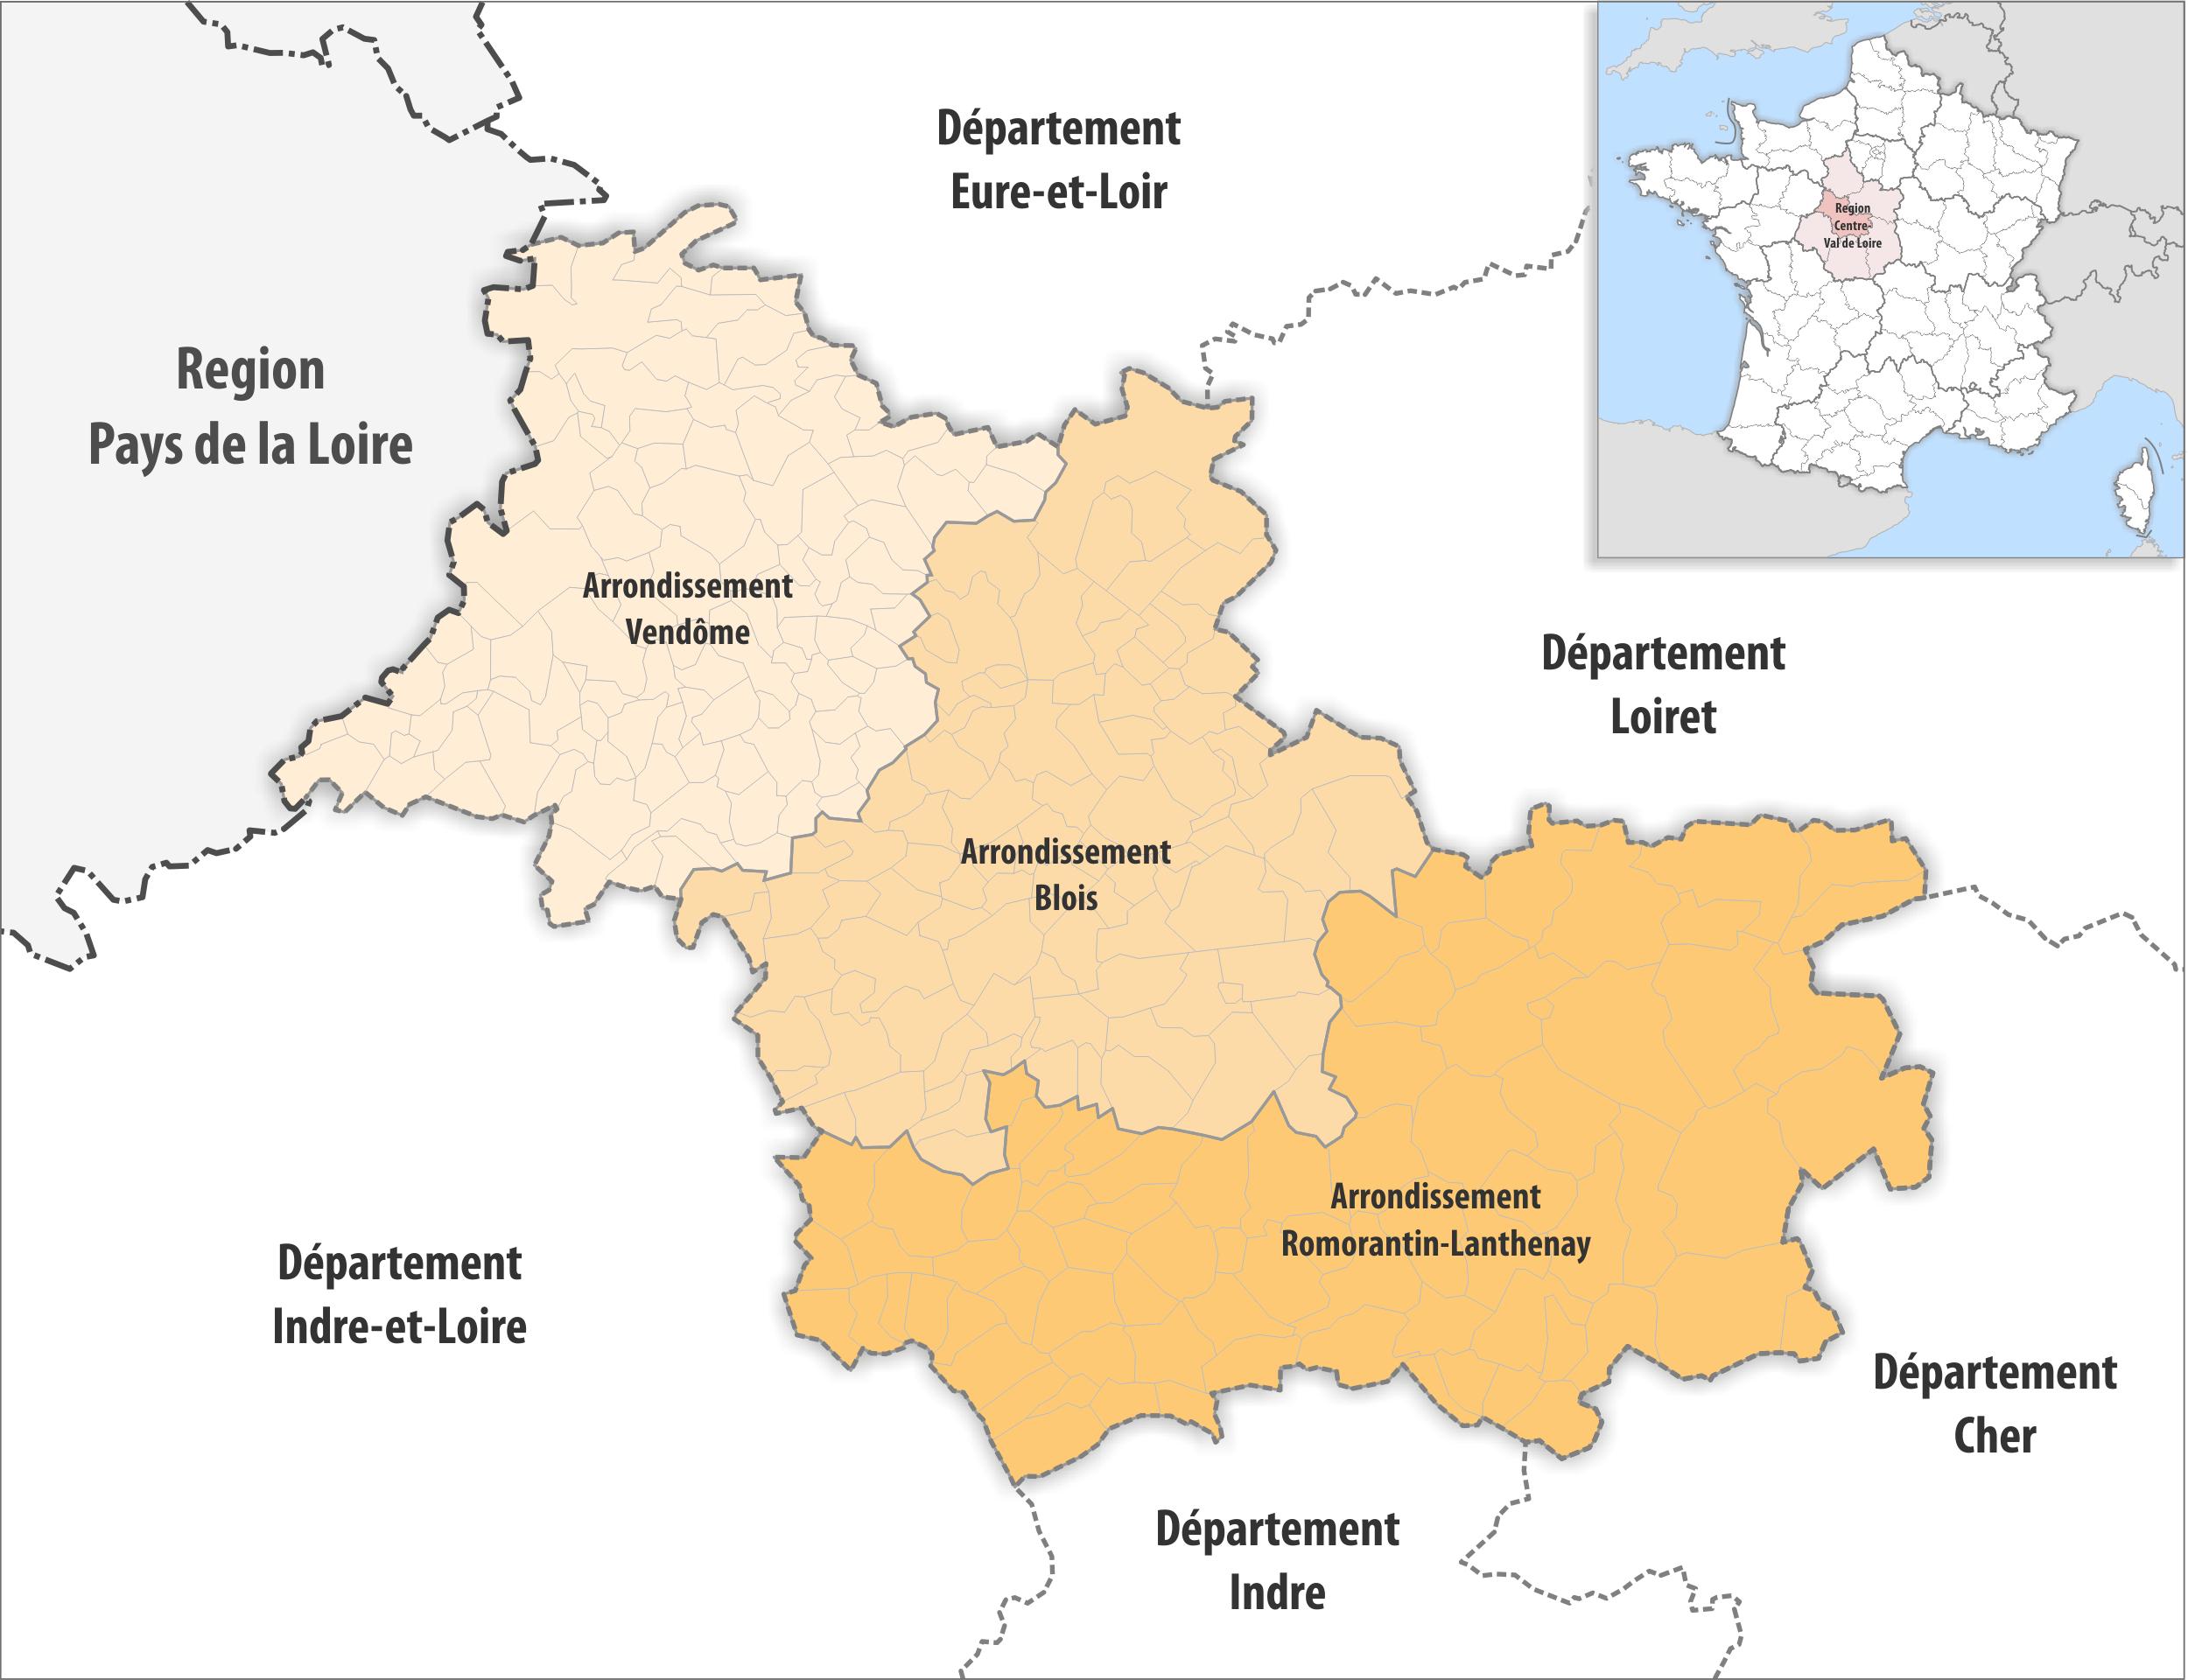 File:departement Loir-Et-Cher Arrondissement 2018 serapportantà Departement 22 Region